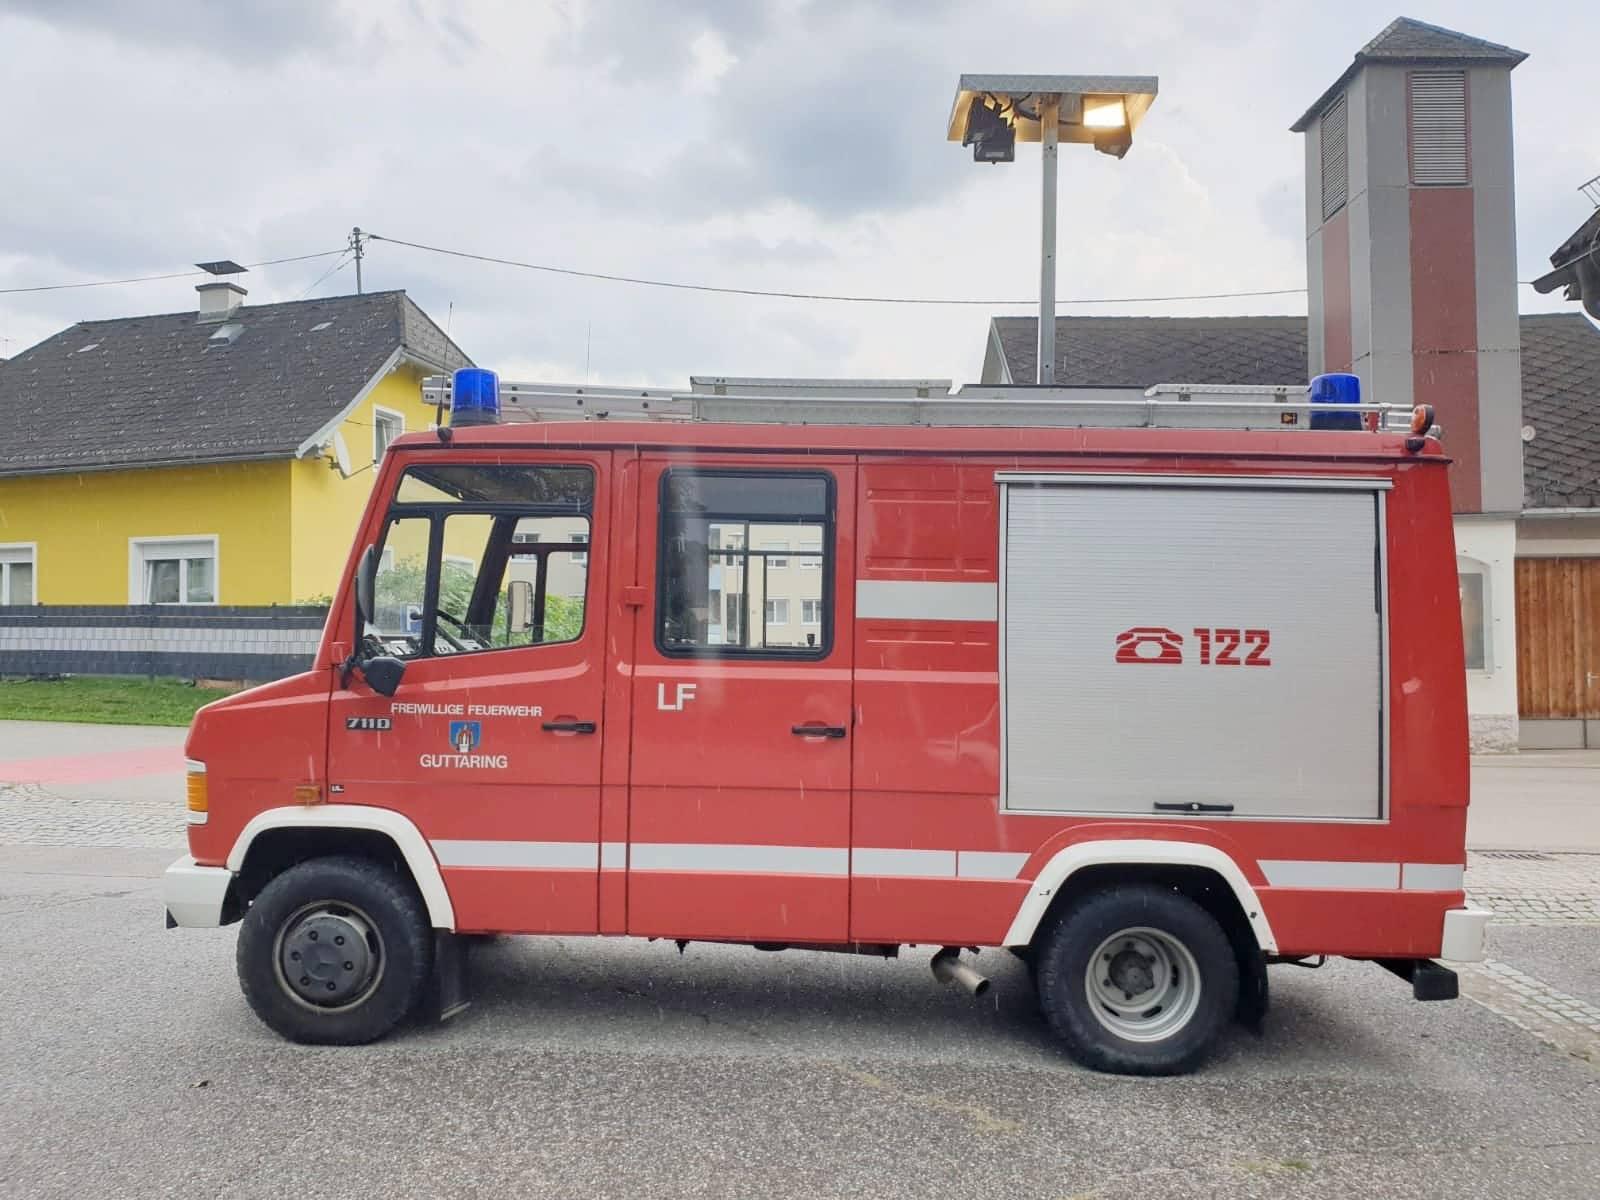 Verkauf von 2 Feuerwehrfahrzeugen